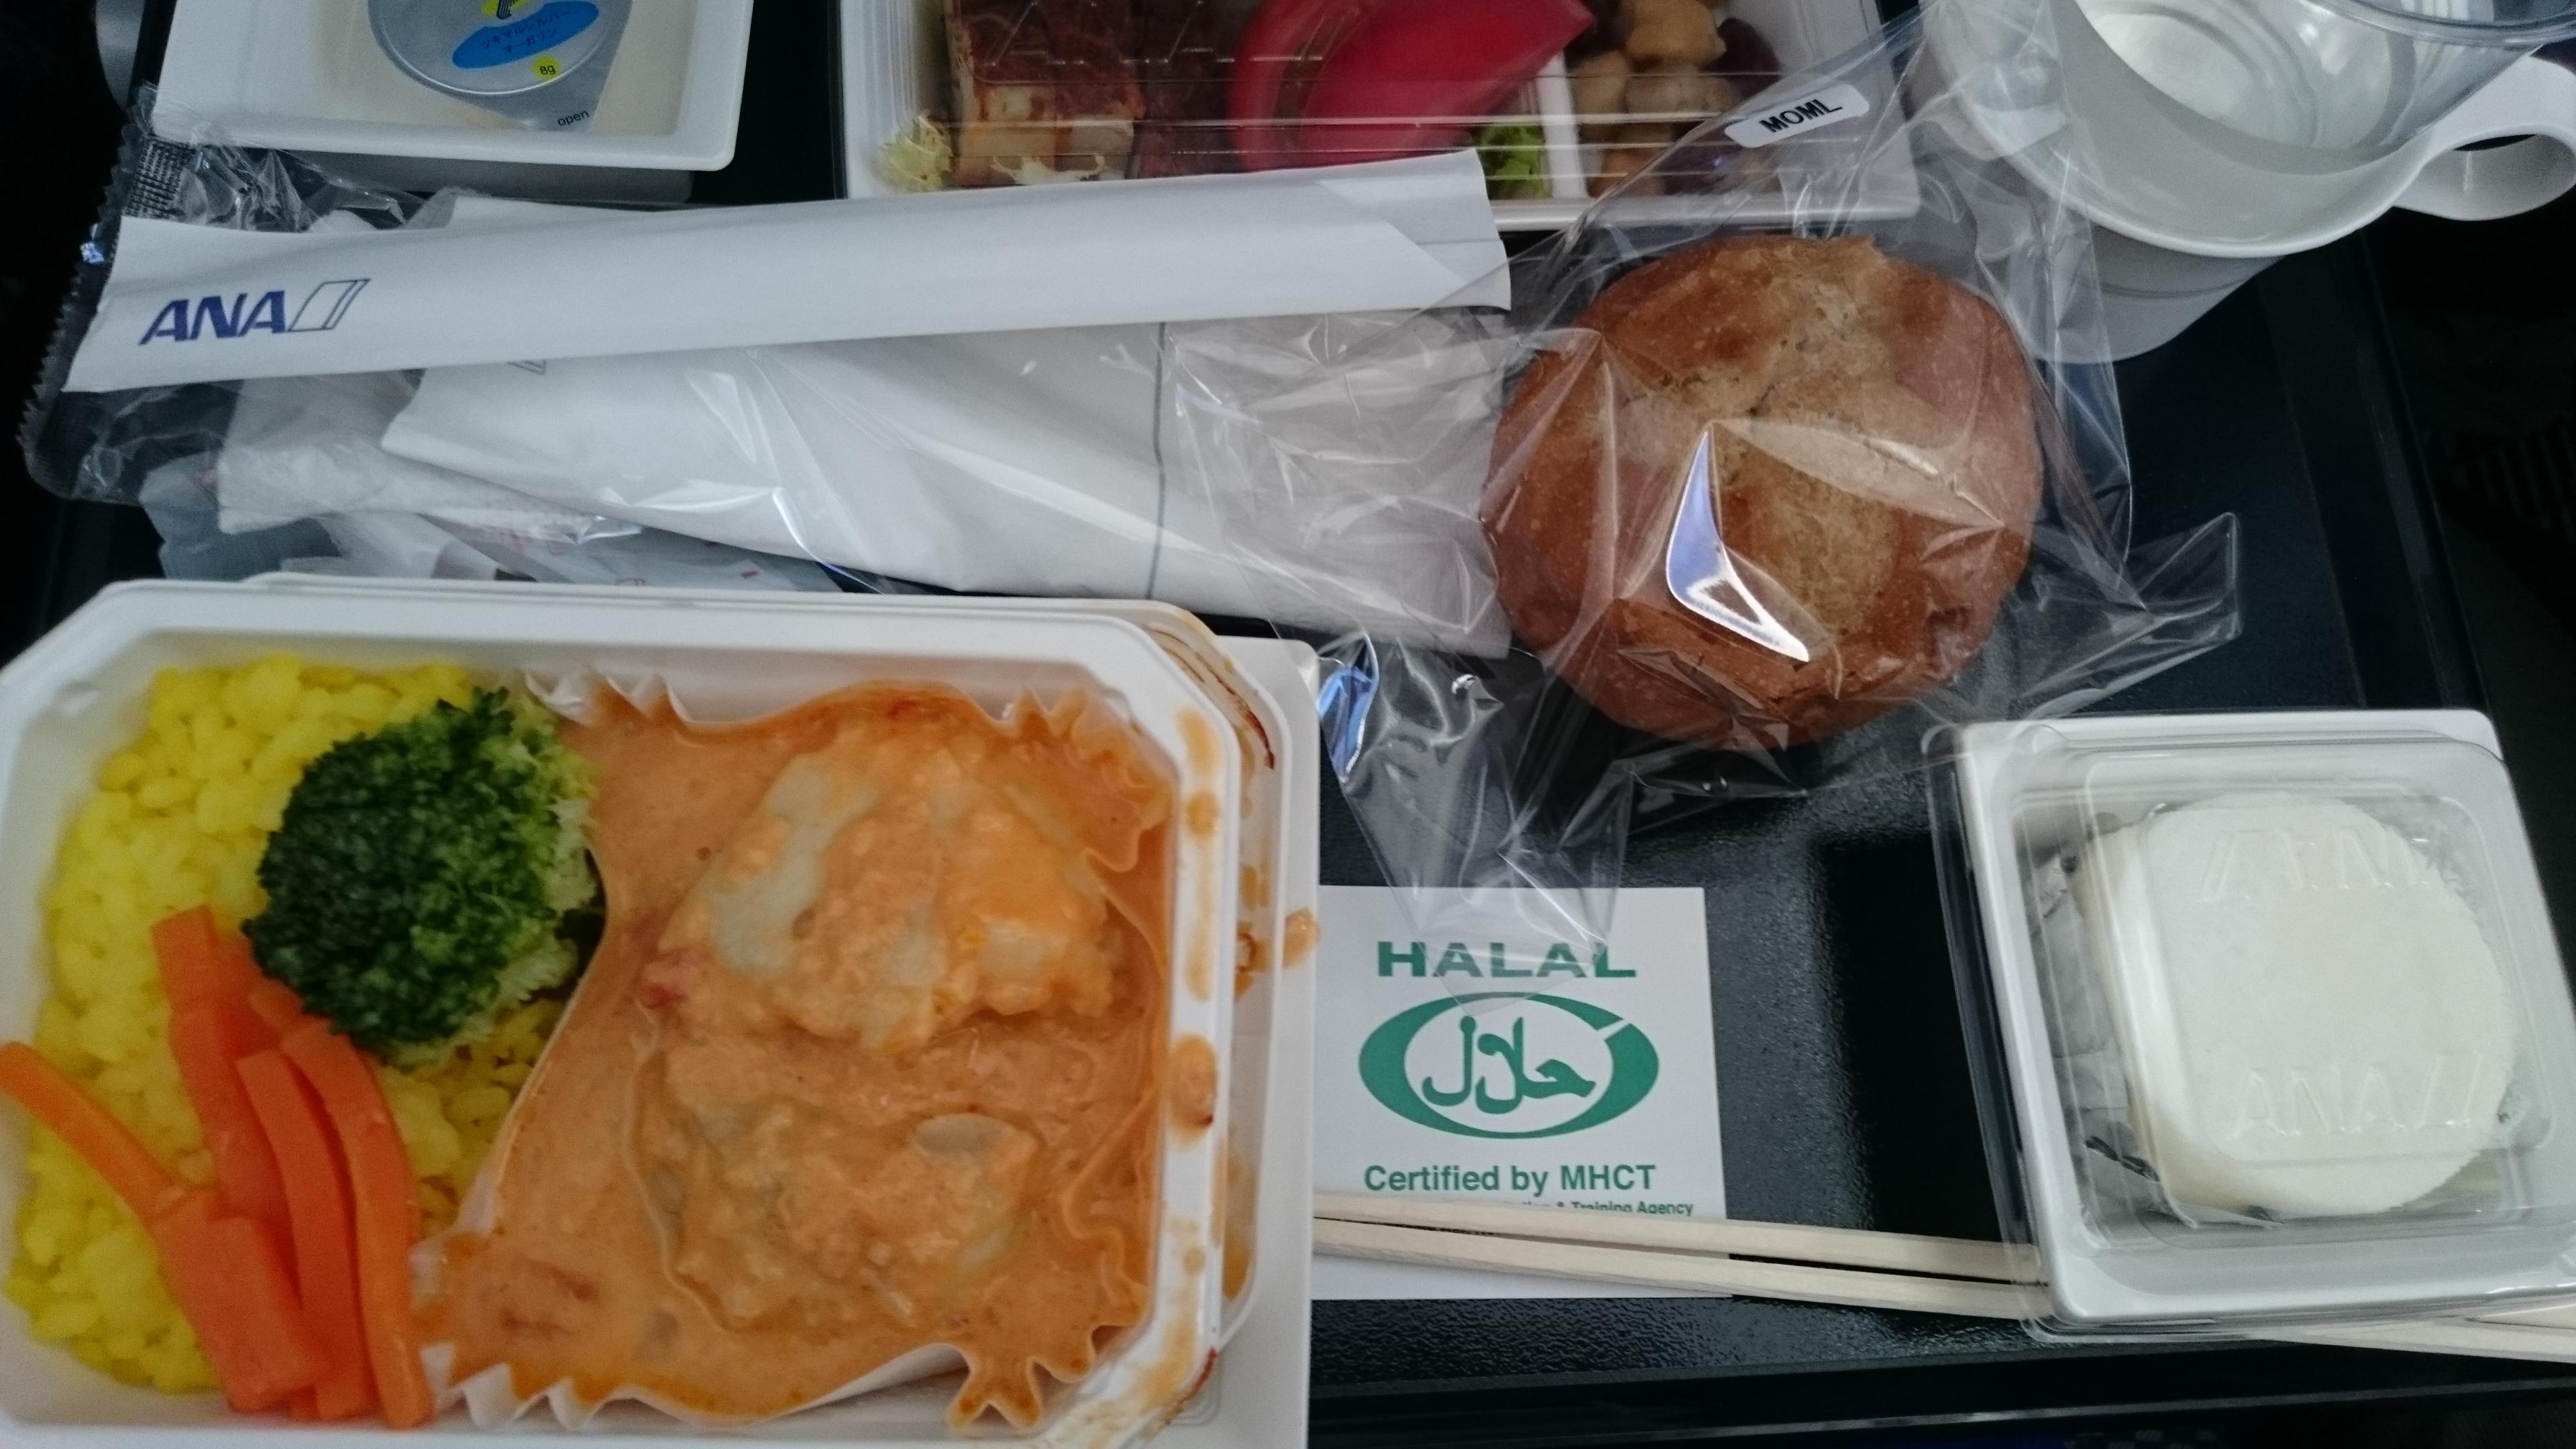 ANAの機内食変更オプションが意外と楽しい